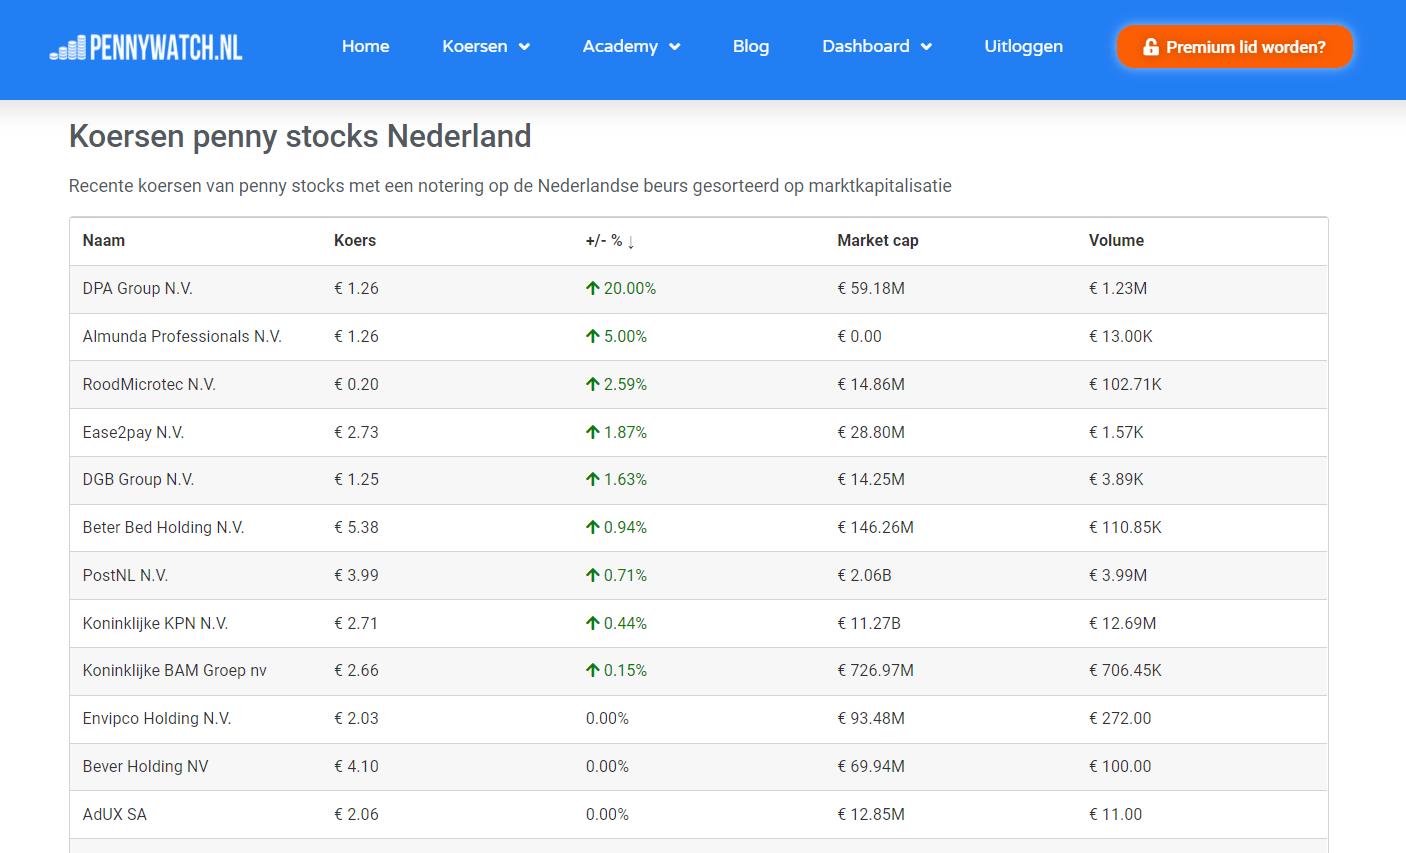 Koersen penny stocks Nederland